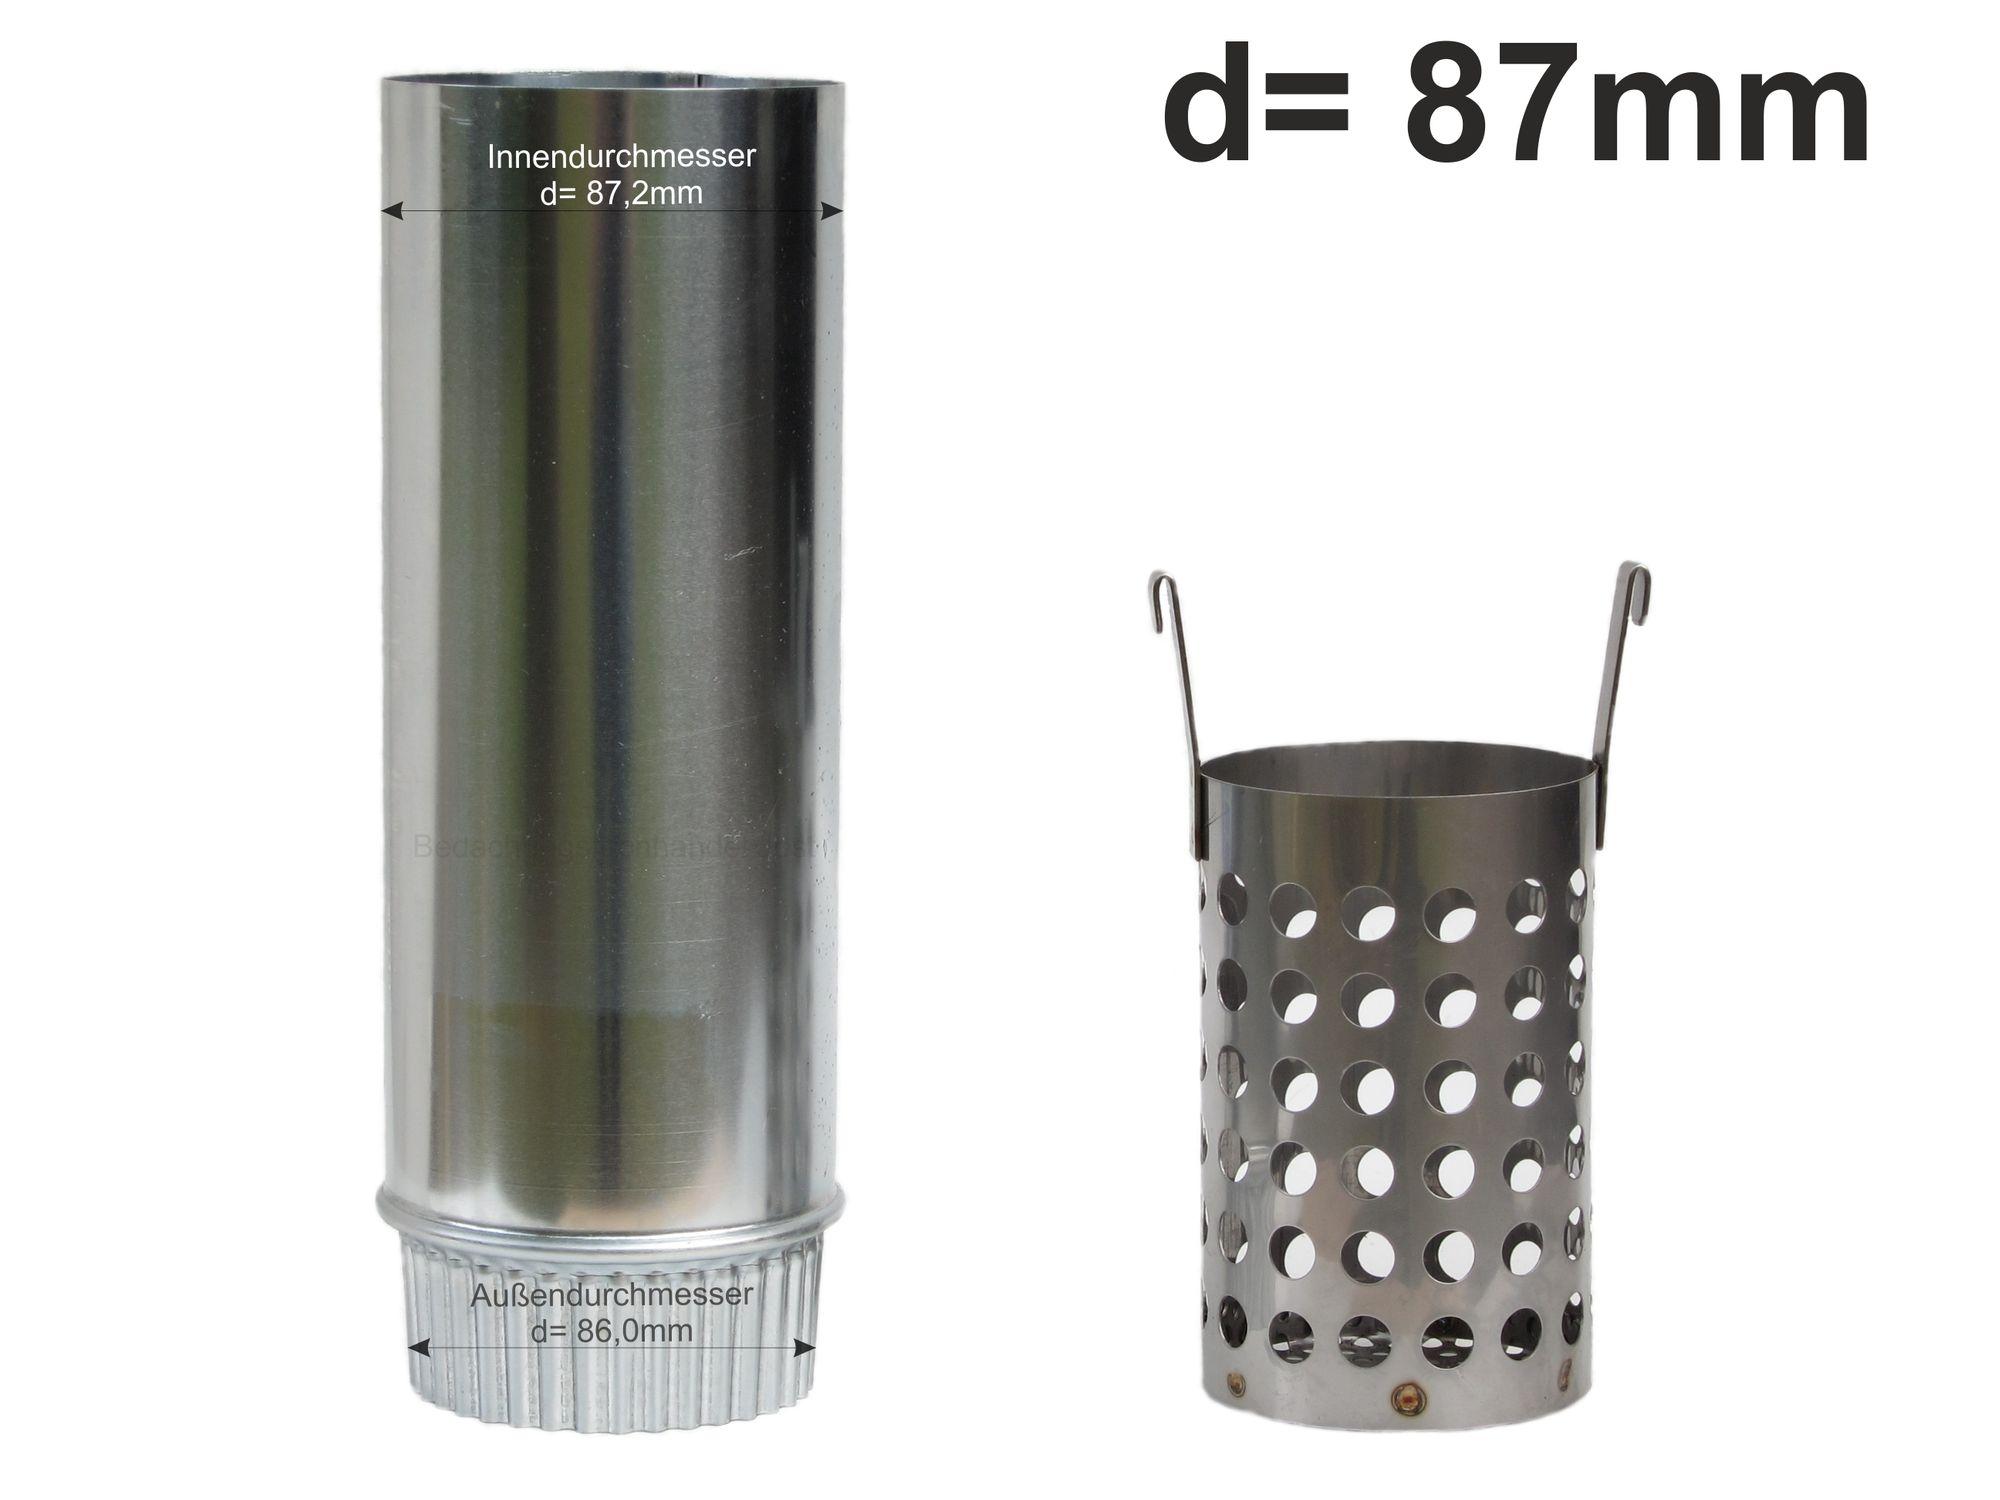 Zink Fallrohr Wasserverteiler Wasserweiche d= 80mm rechts // links